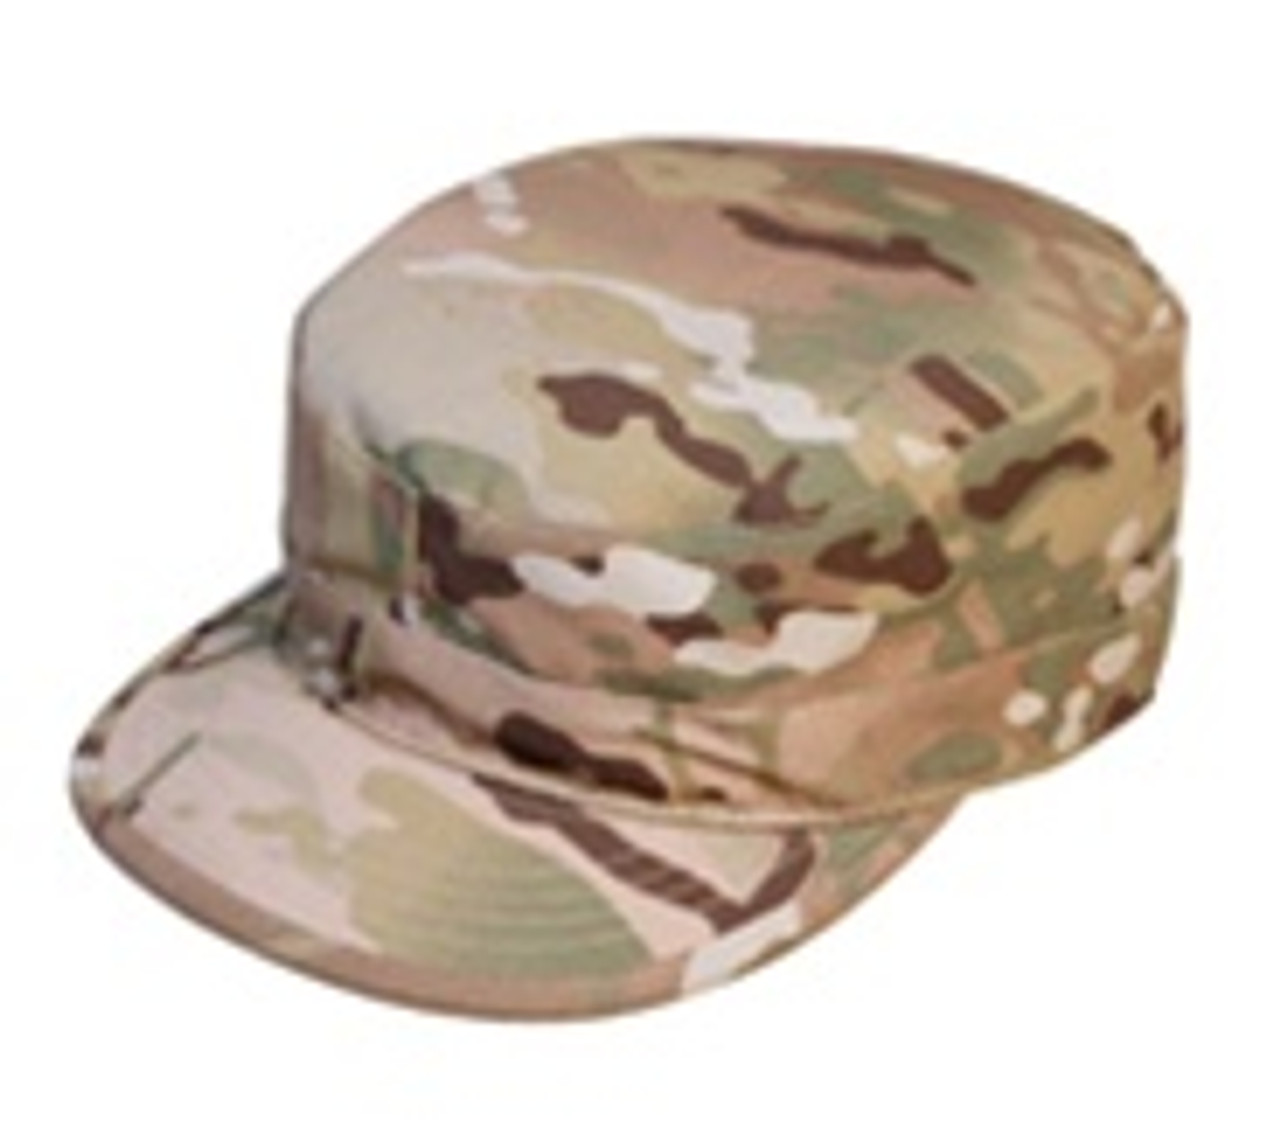 Multicam Patrol Cap ripstop from Hessen Tactical.